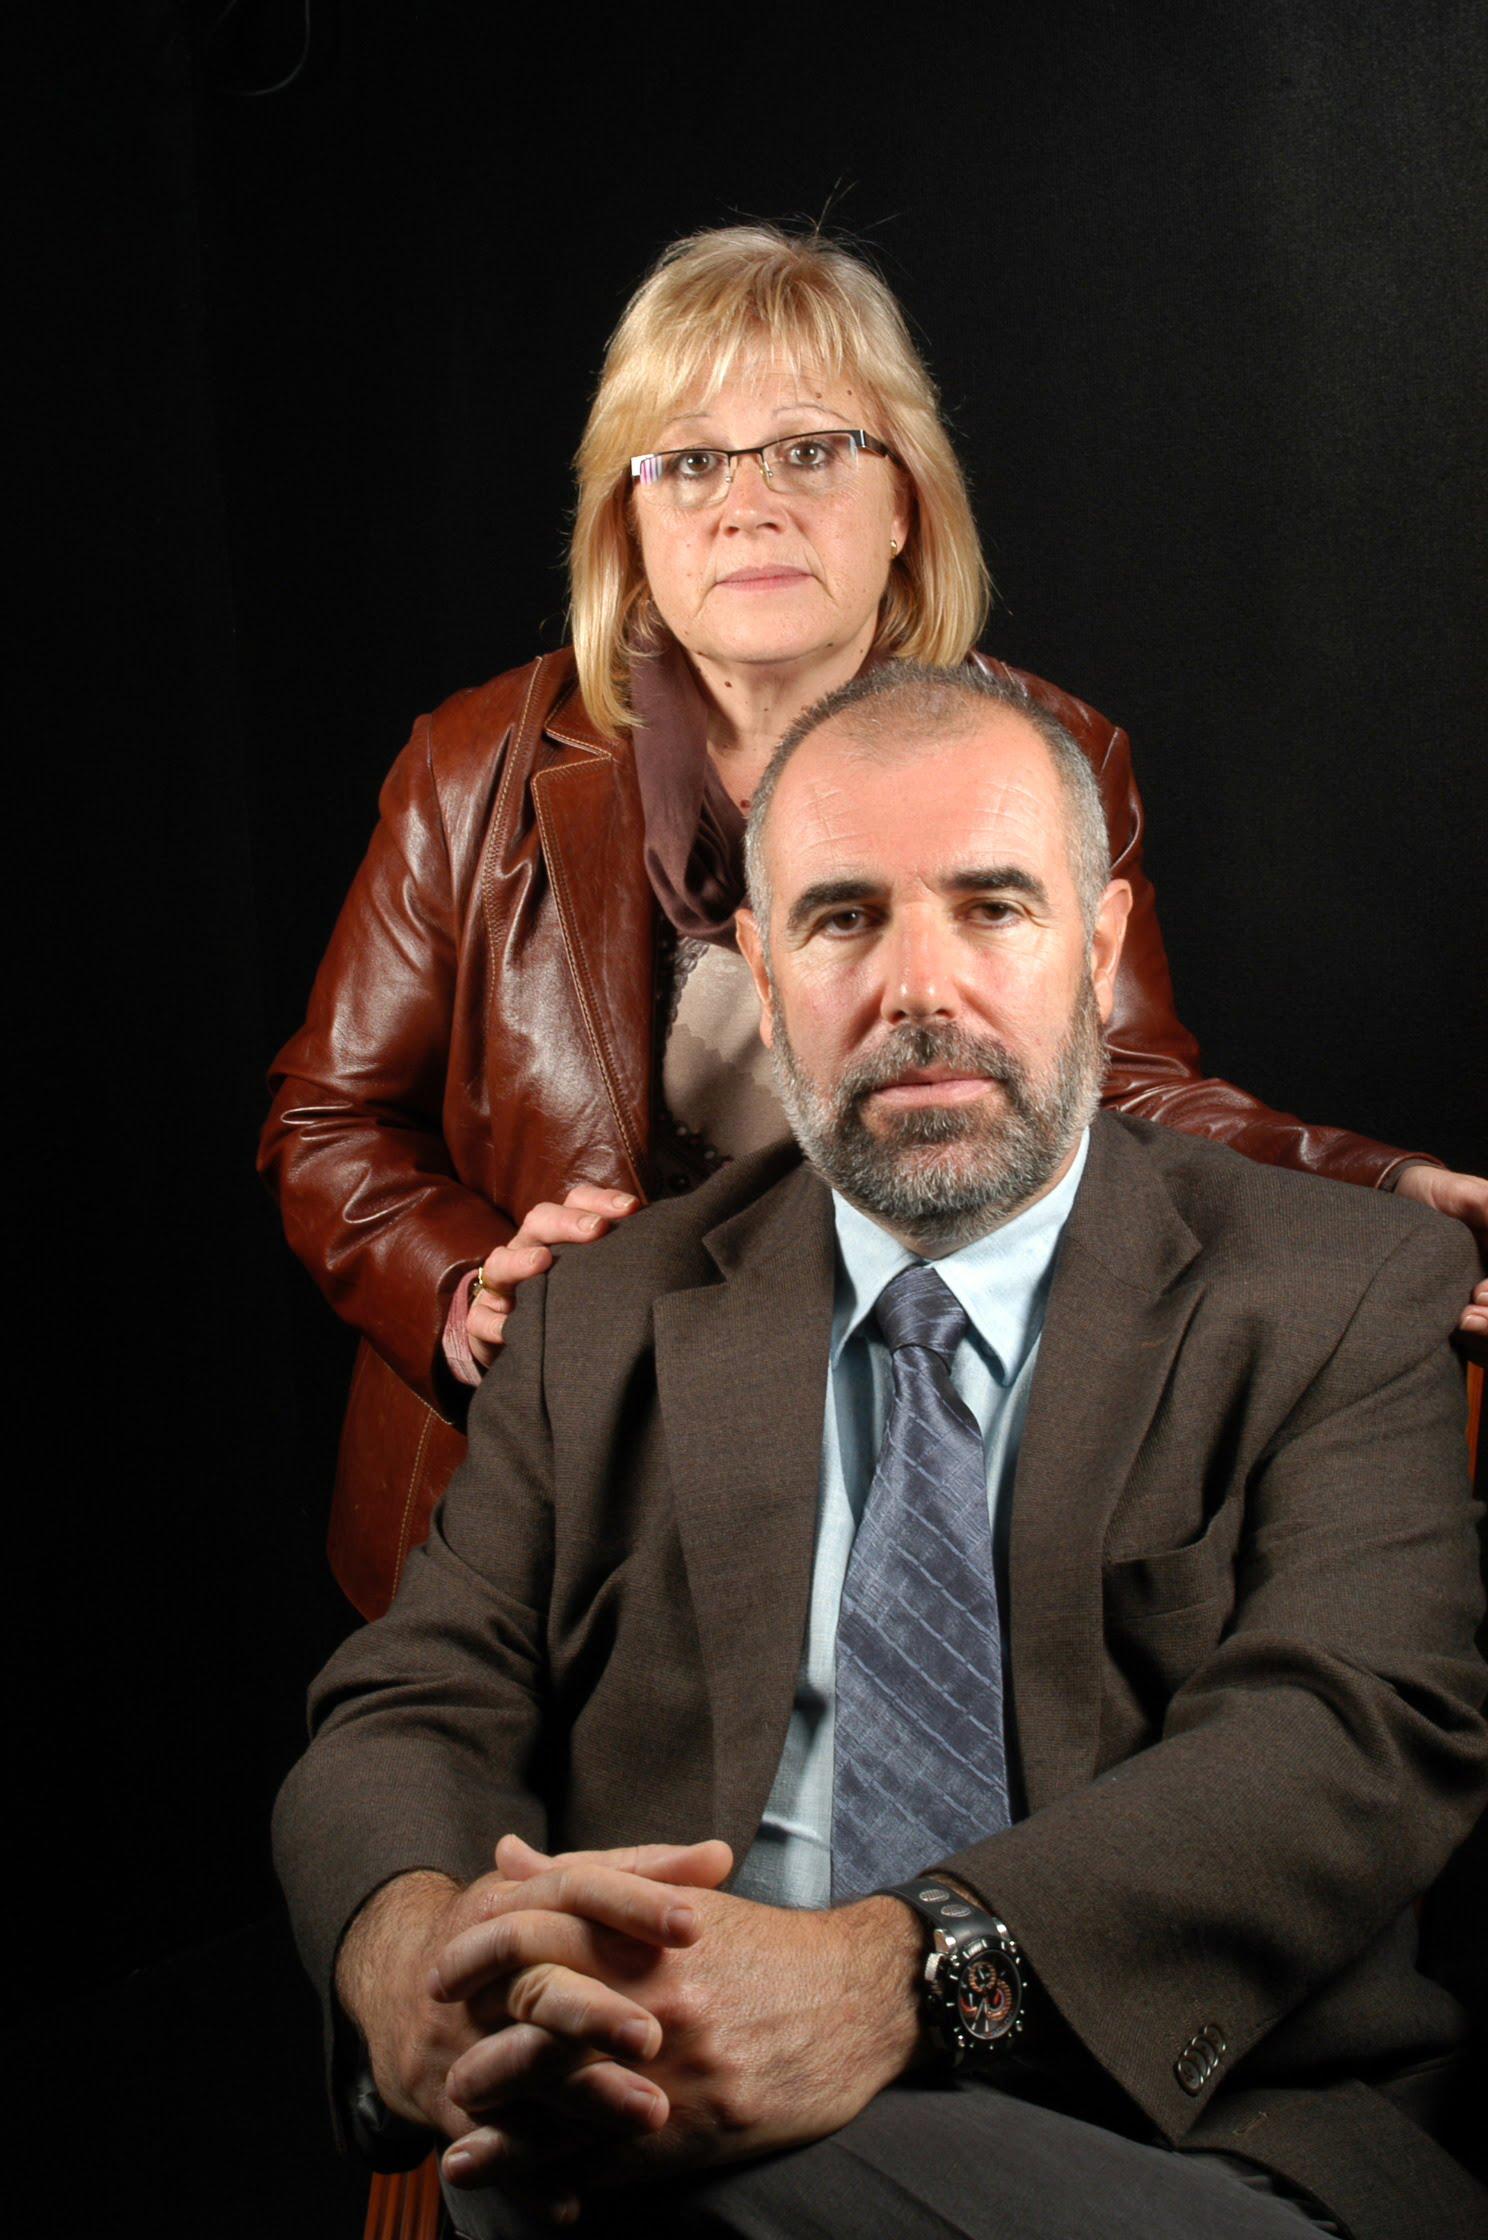 Dr. Lluís Miquel Agustench i Masó et alia